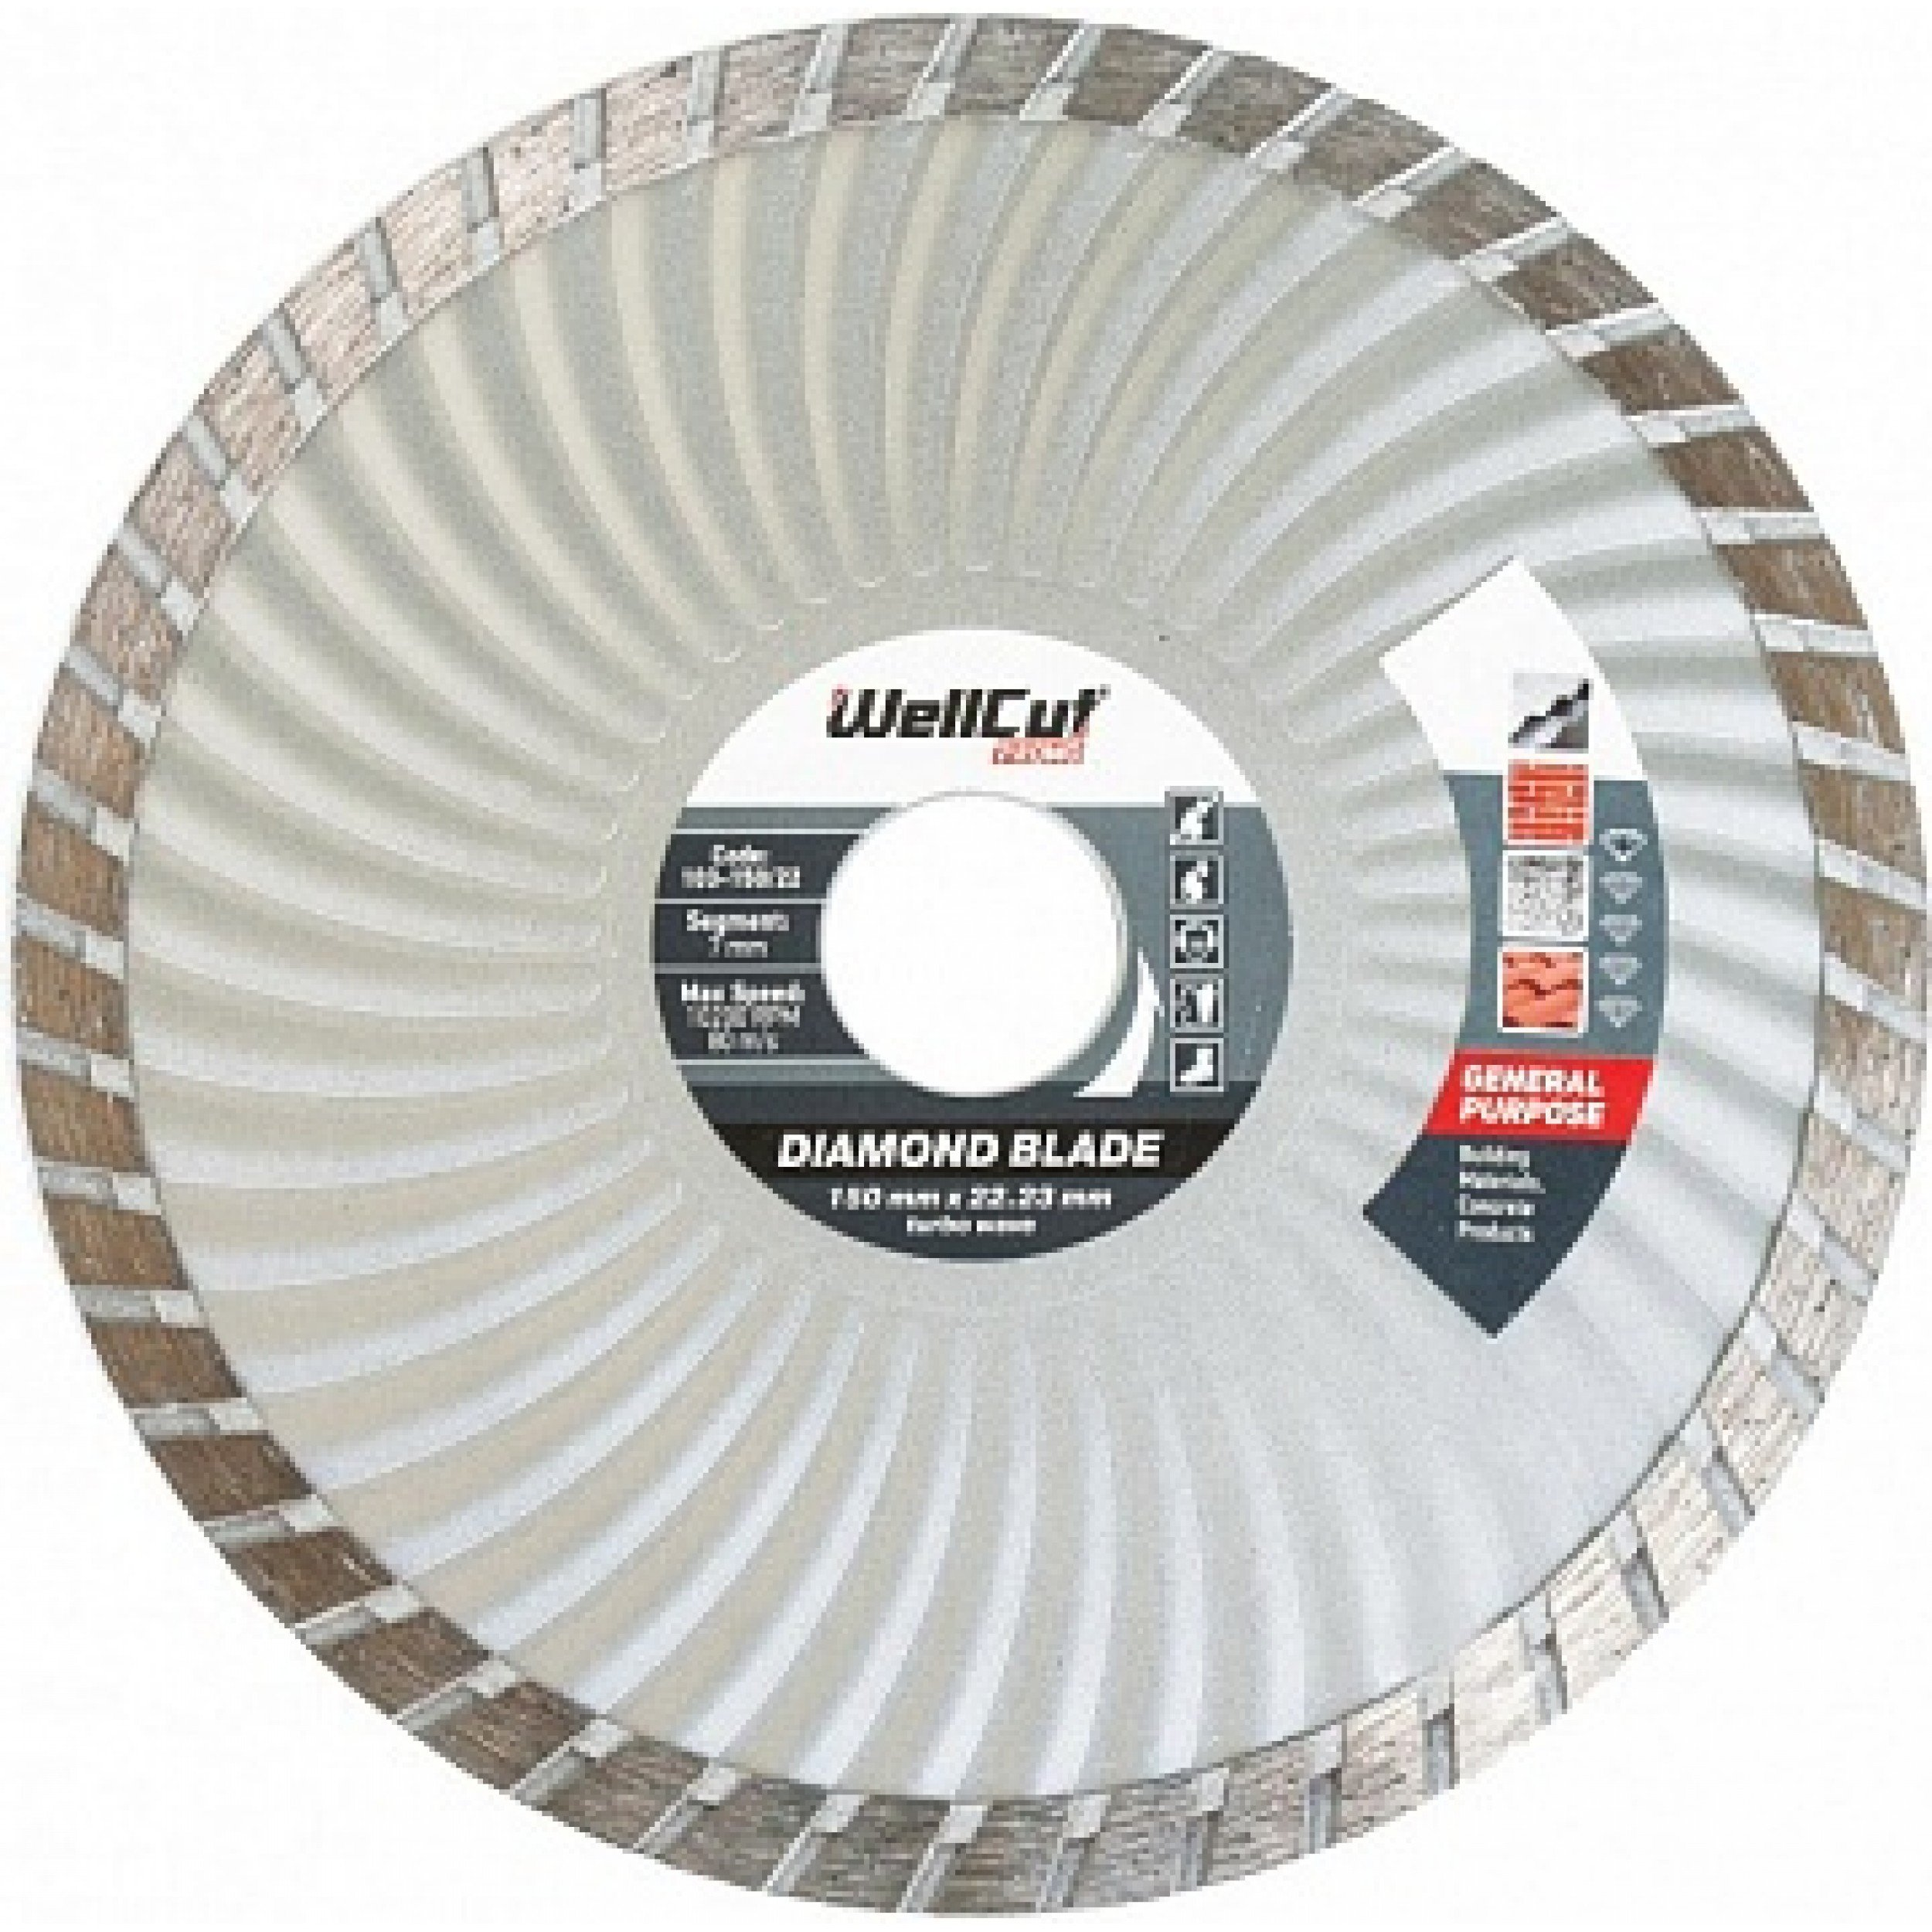 Disc diamant segment Turbo+ Segment Standart Wellcut 125x7x22.23